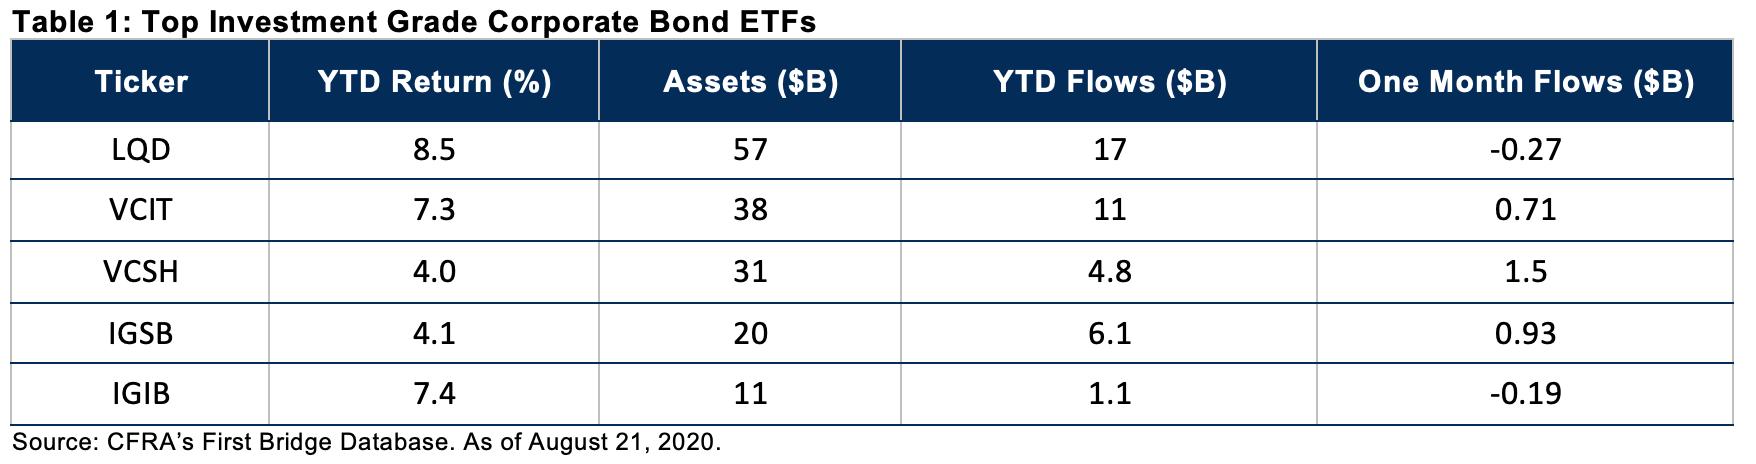 rosenbluth-investment-bonds.png